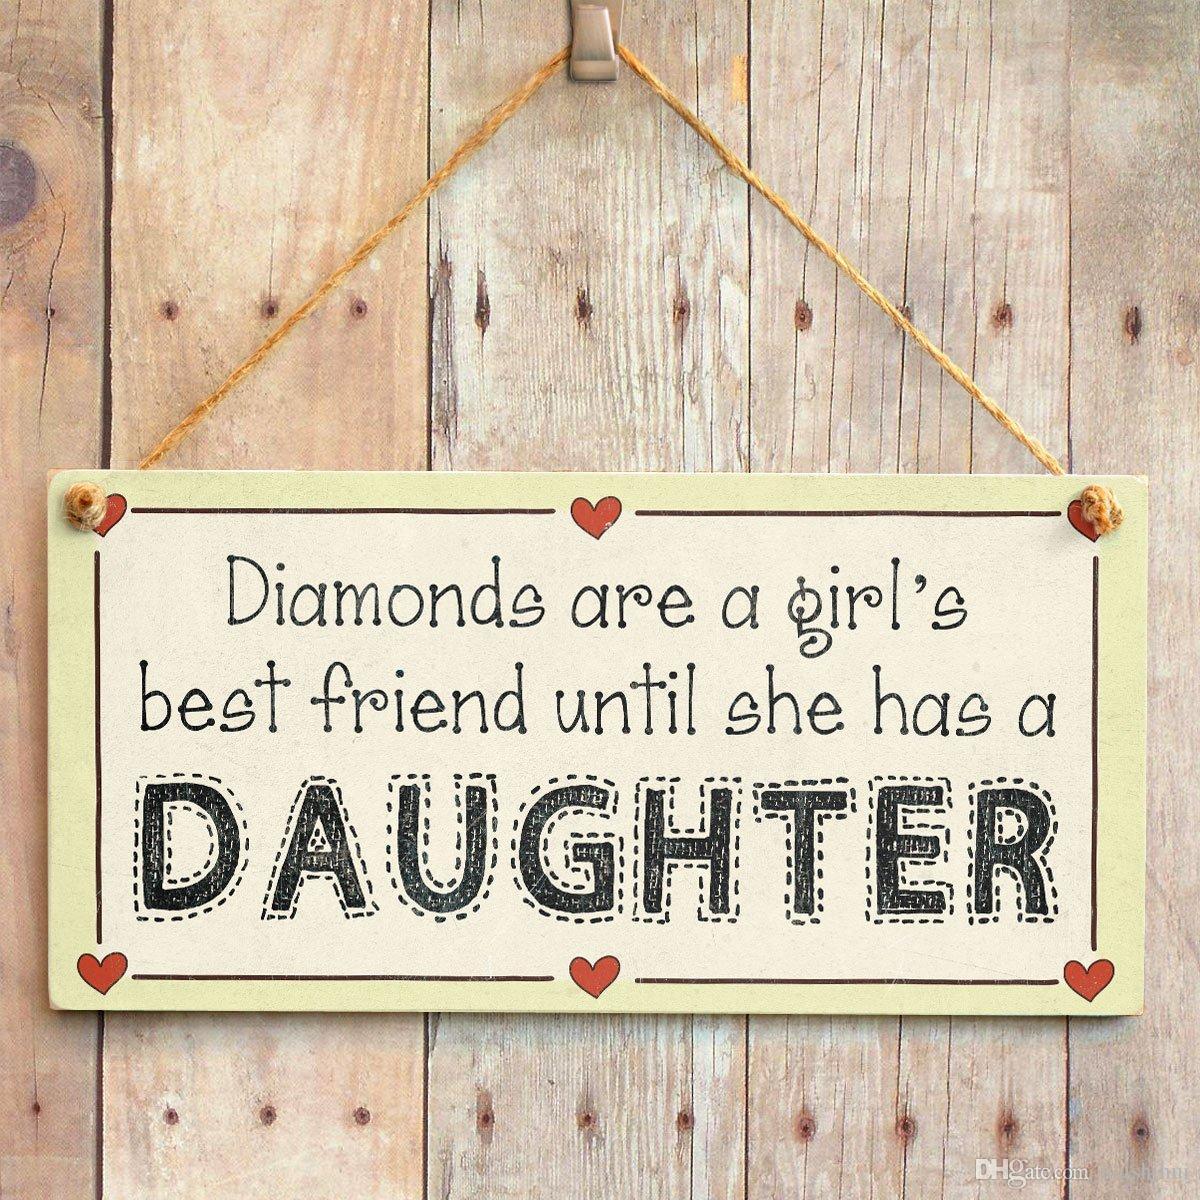 Großhandel Diamanten Sind Ein Bester Freund Der Mädchen, Bis Sie ...